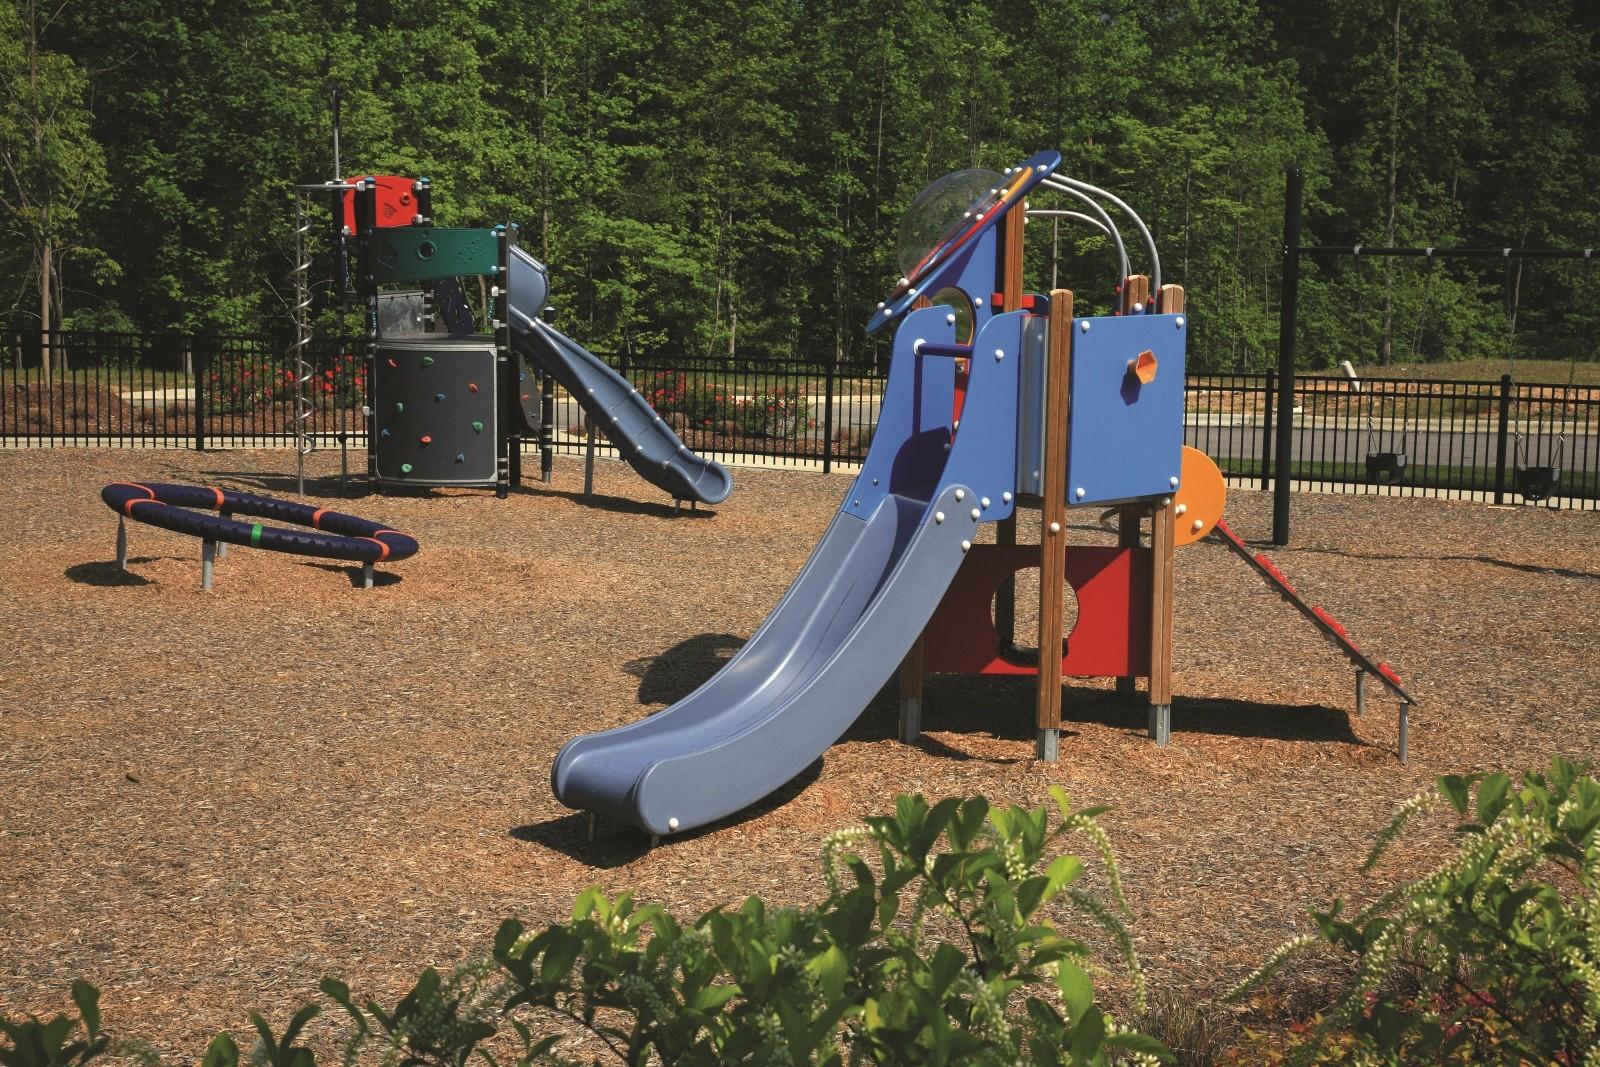 playground20180221132456